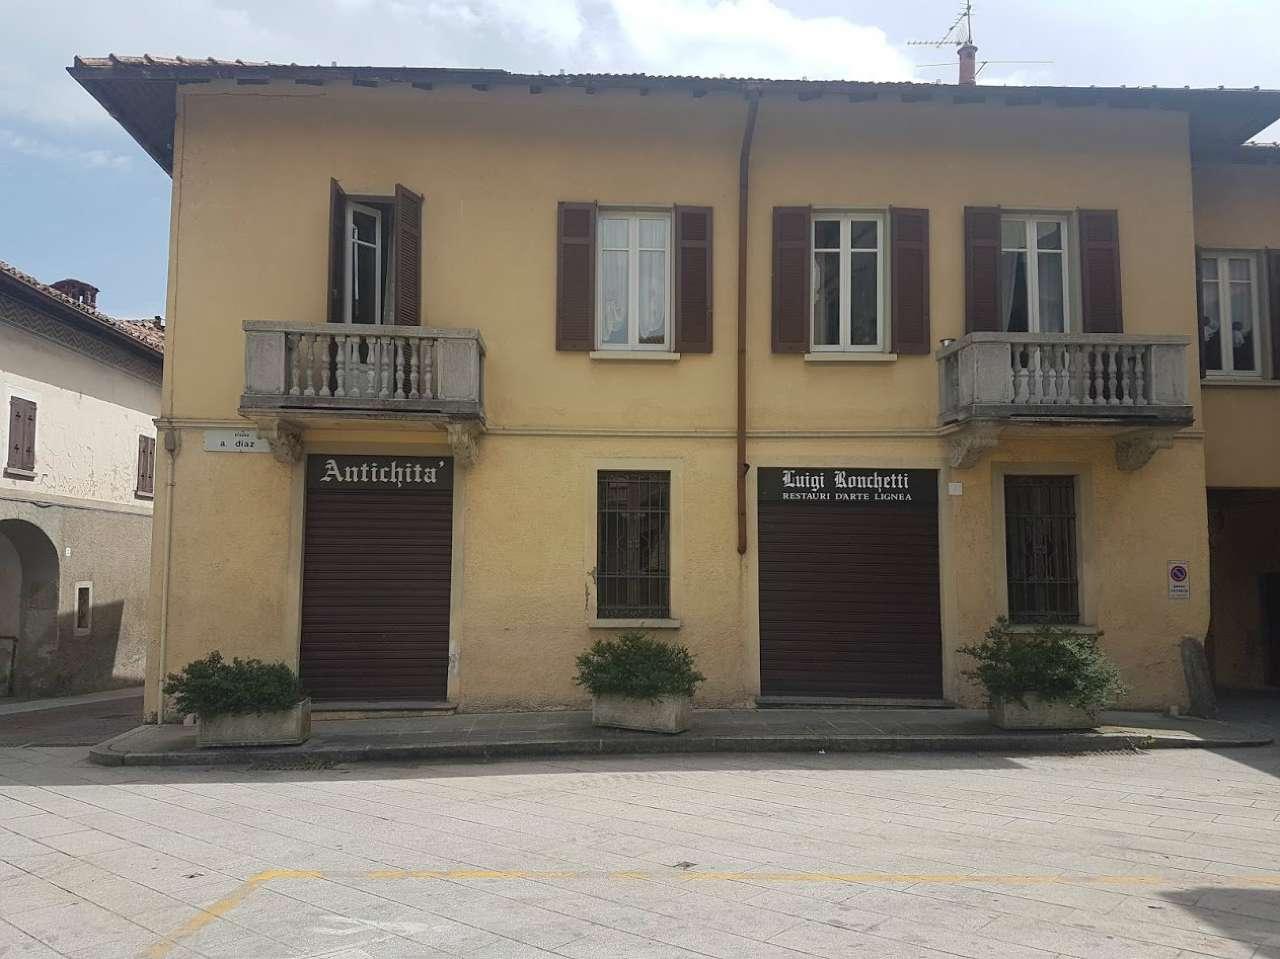 Negozio / Locale in vendita a Carnago, 3 locali, prezzo € 210.000 | CambioCasa.it